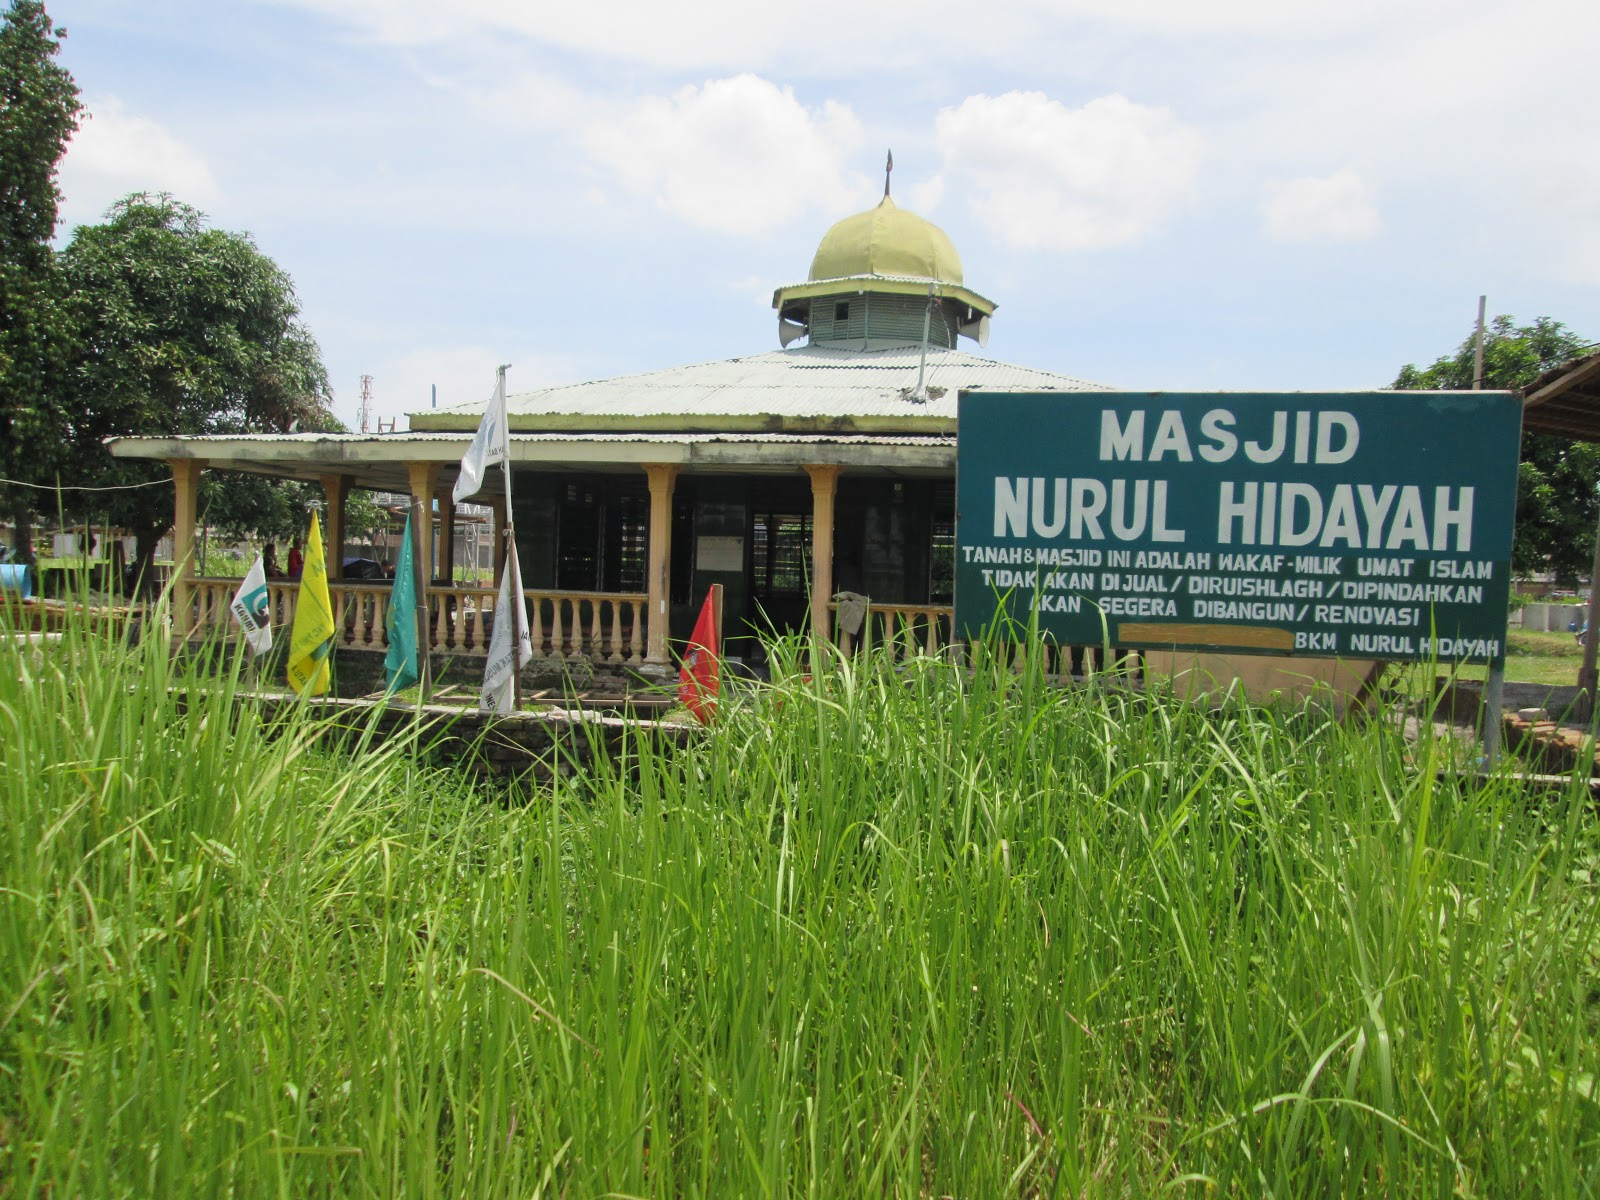 Kua Percut Sei Tuan Picu Konflik Masjid Nurul Hidayah Jurnalis